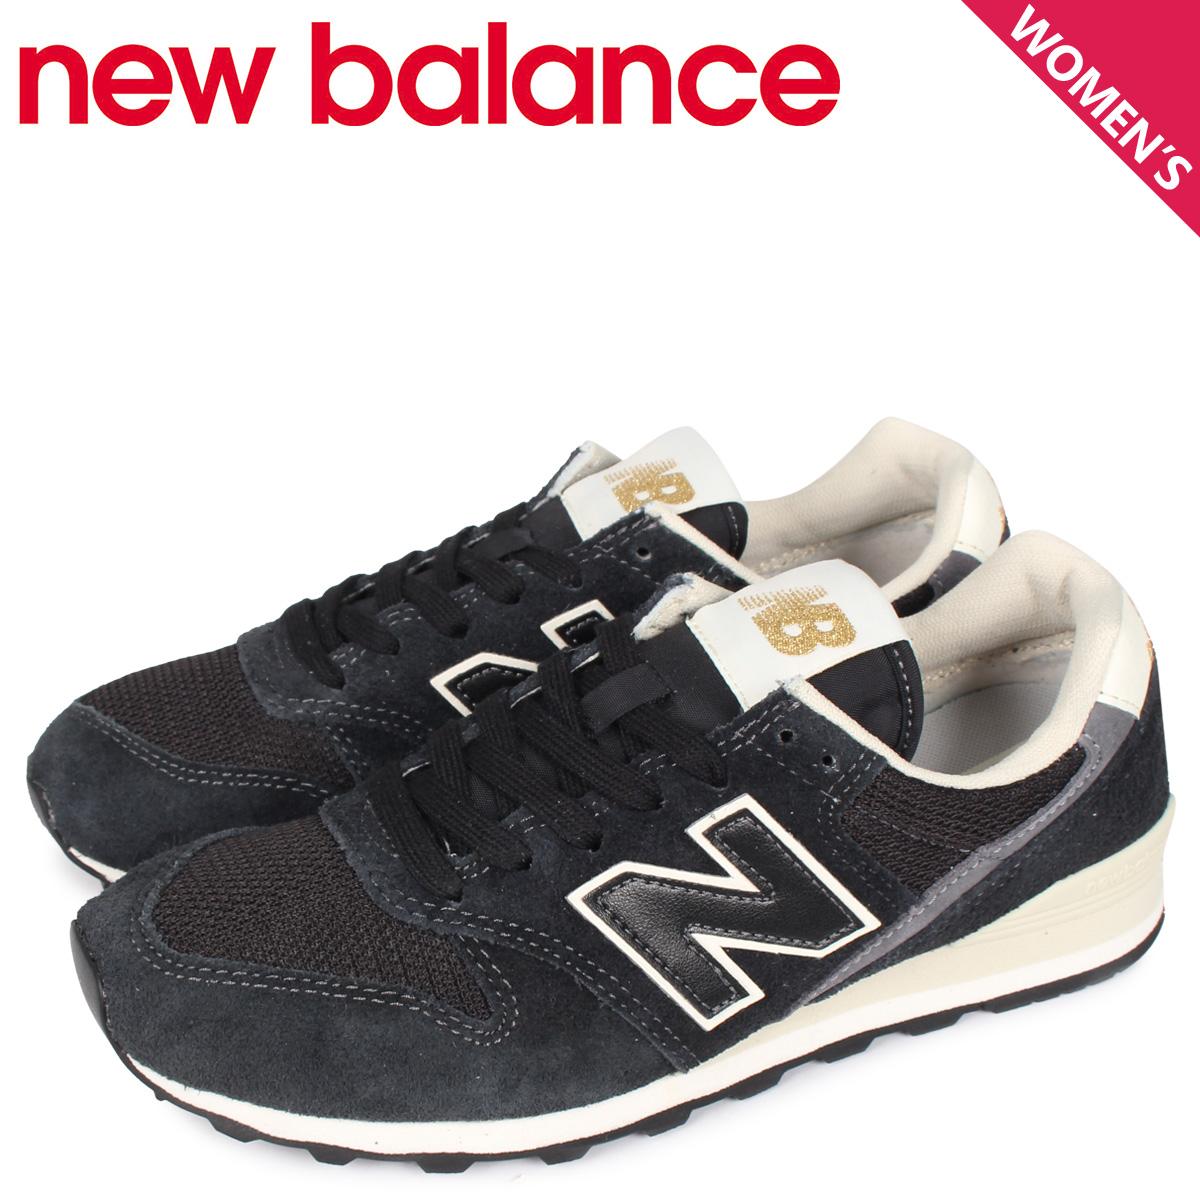 new balance ニューバランス 996 スニーカー レディース Dワイズ ブラック 黒 WL996VHB [3/17 新入荷]